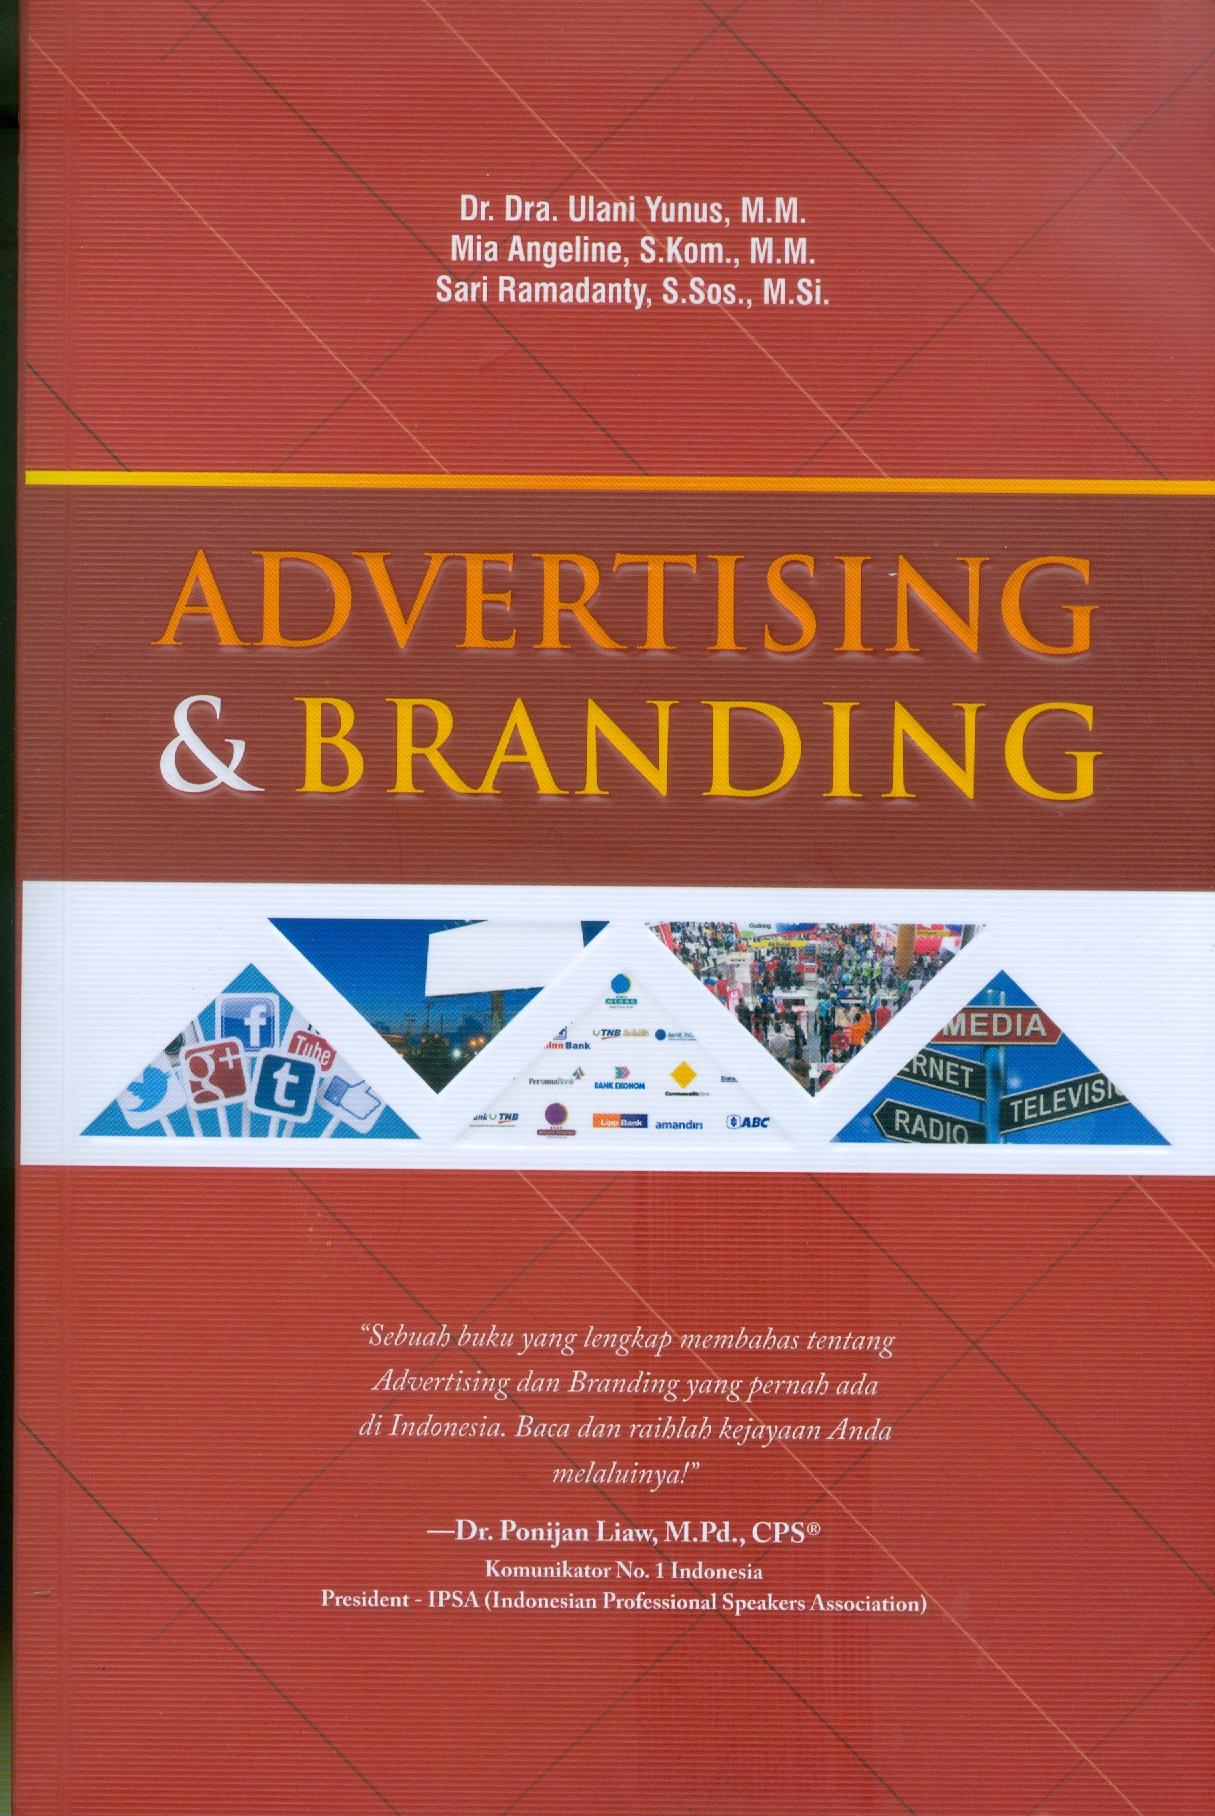 advertising & branding0001.jpg